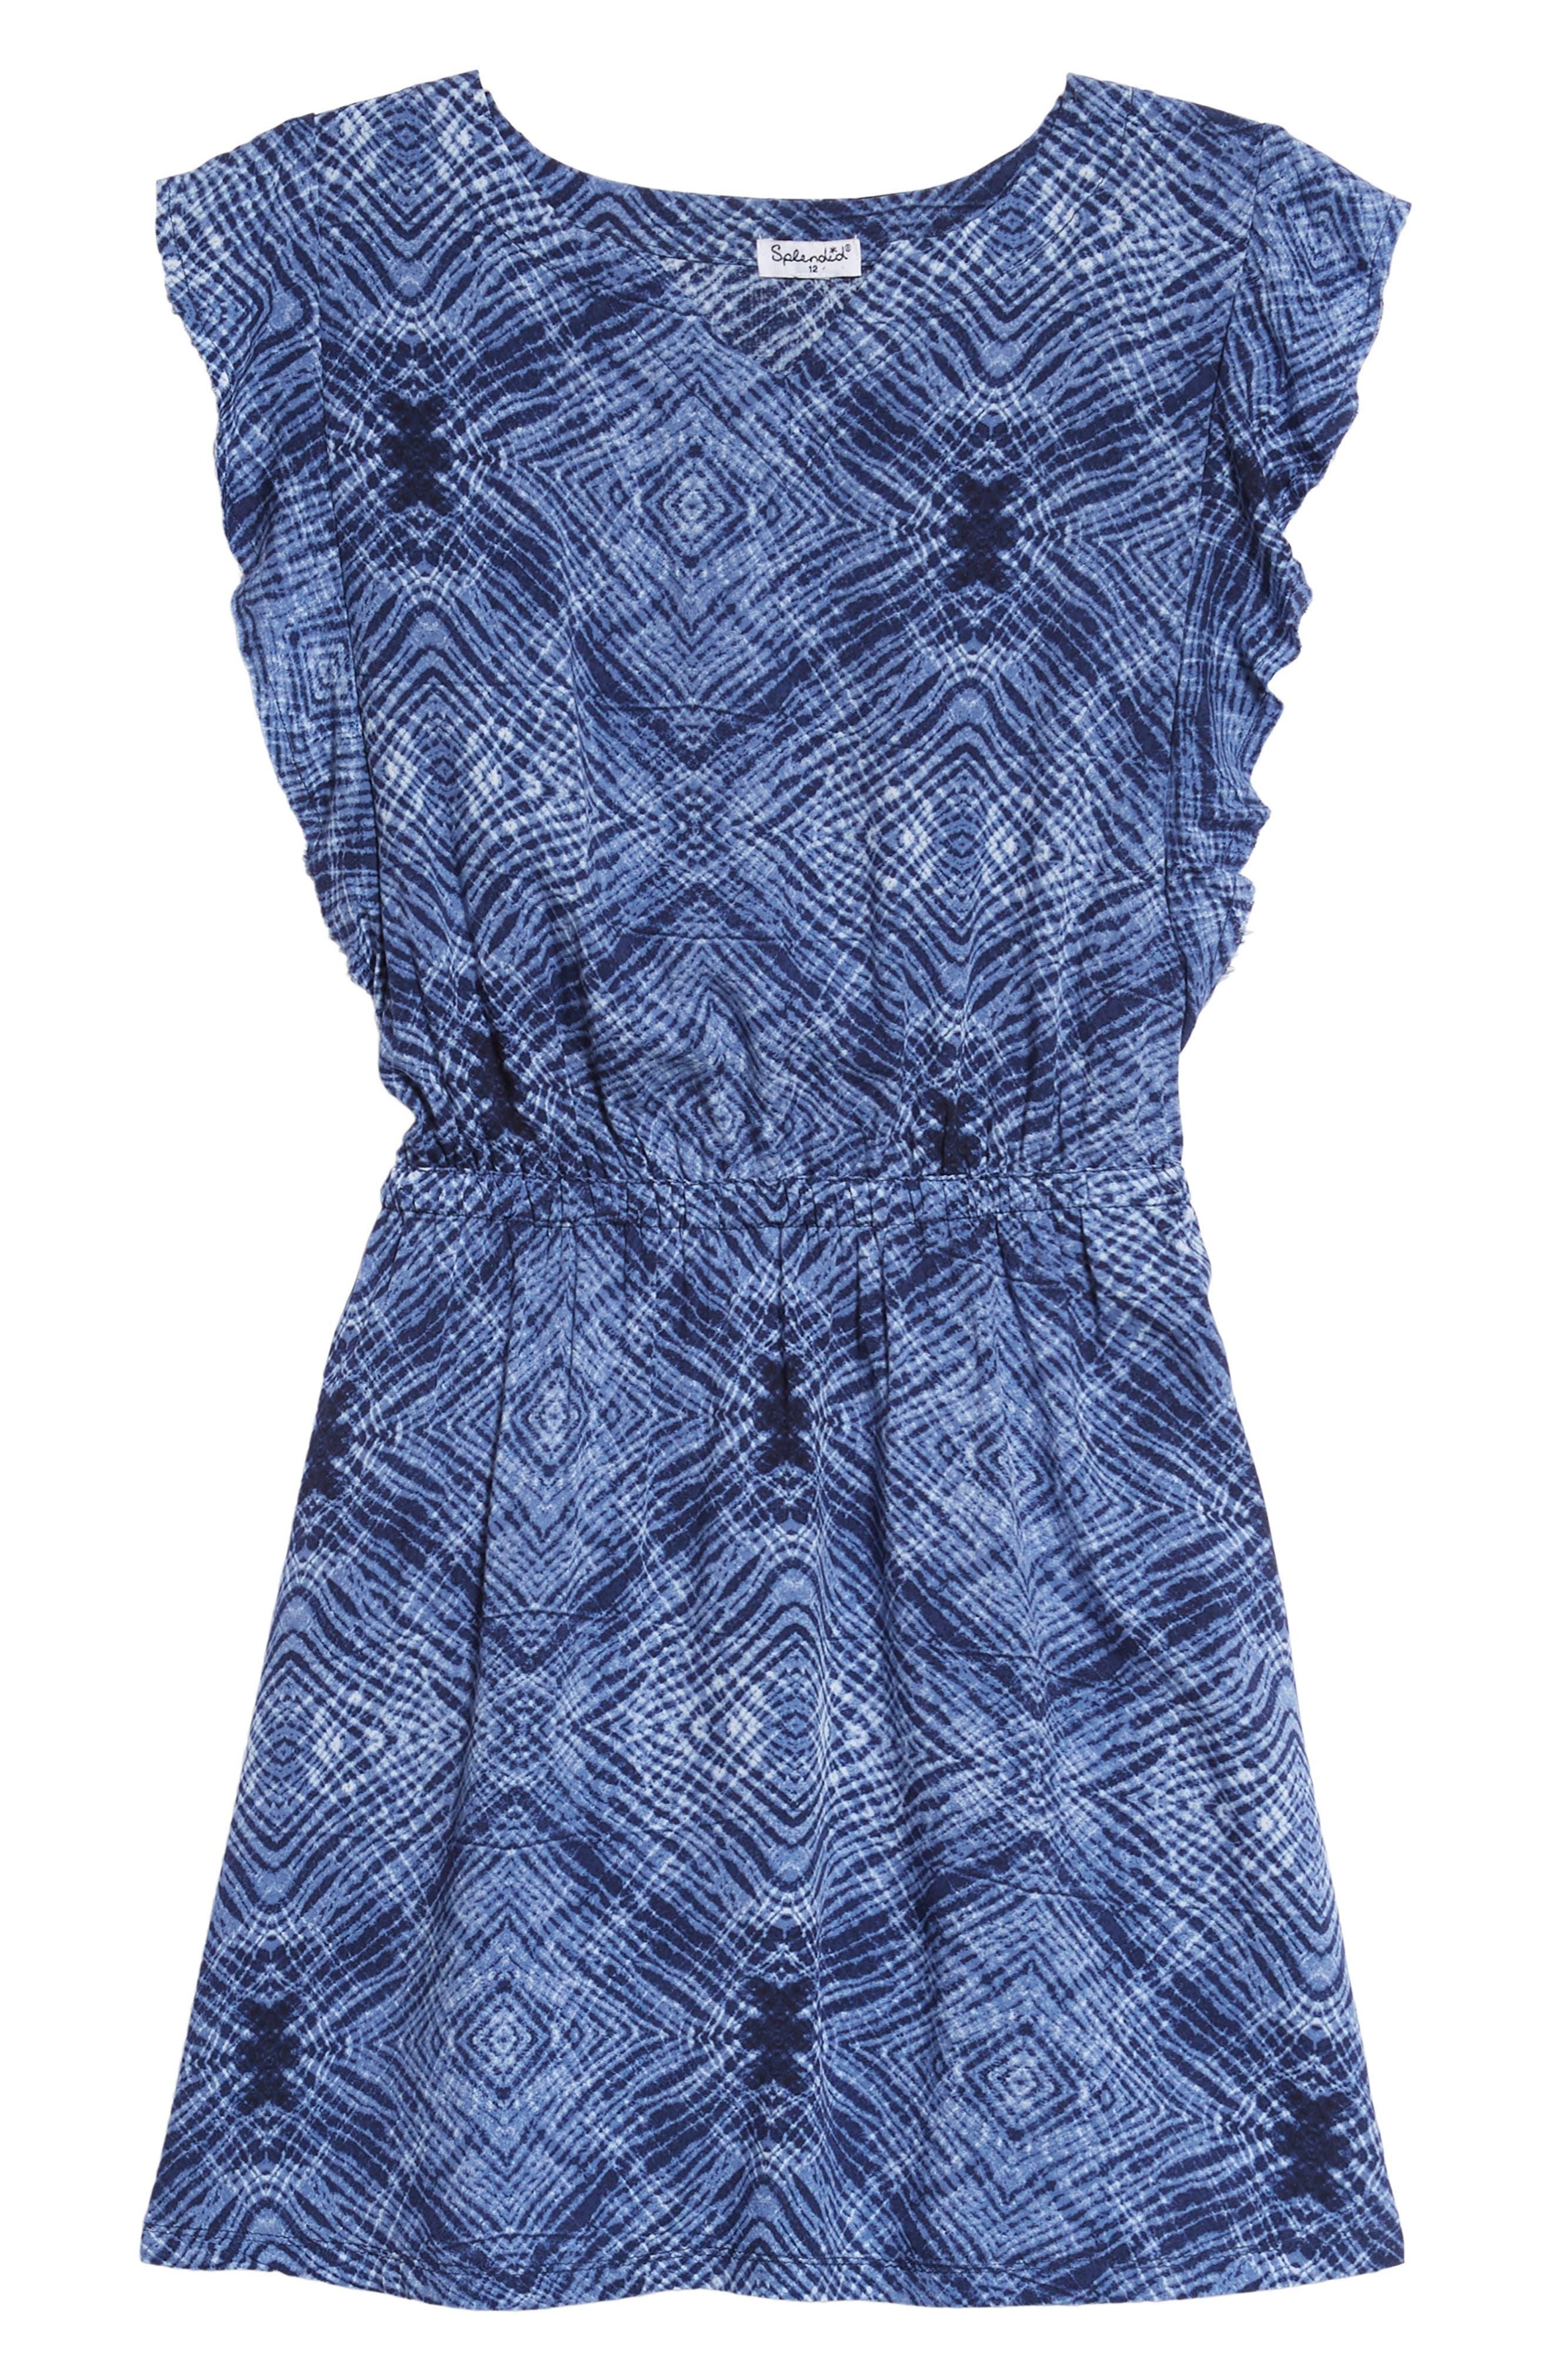 Print Voile Dress,                             Main thumbnail 1, color,                             410